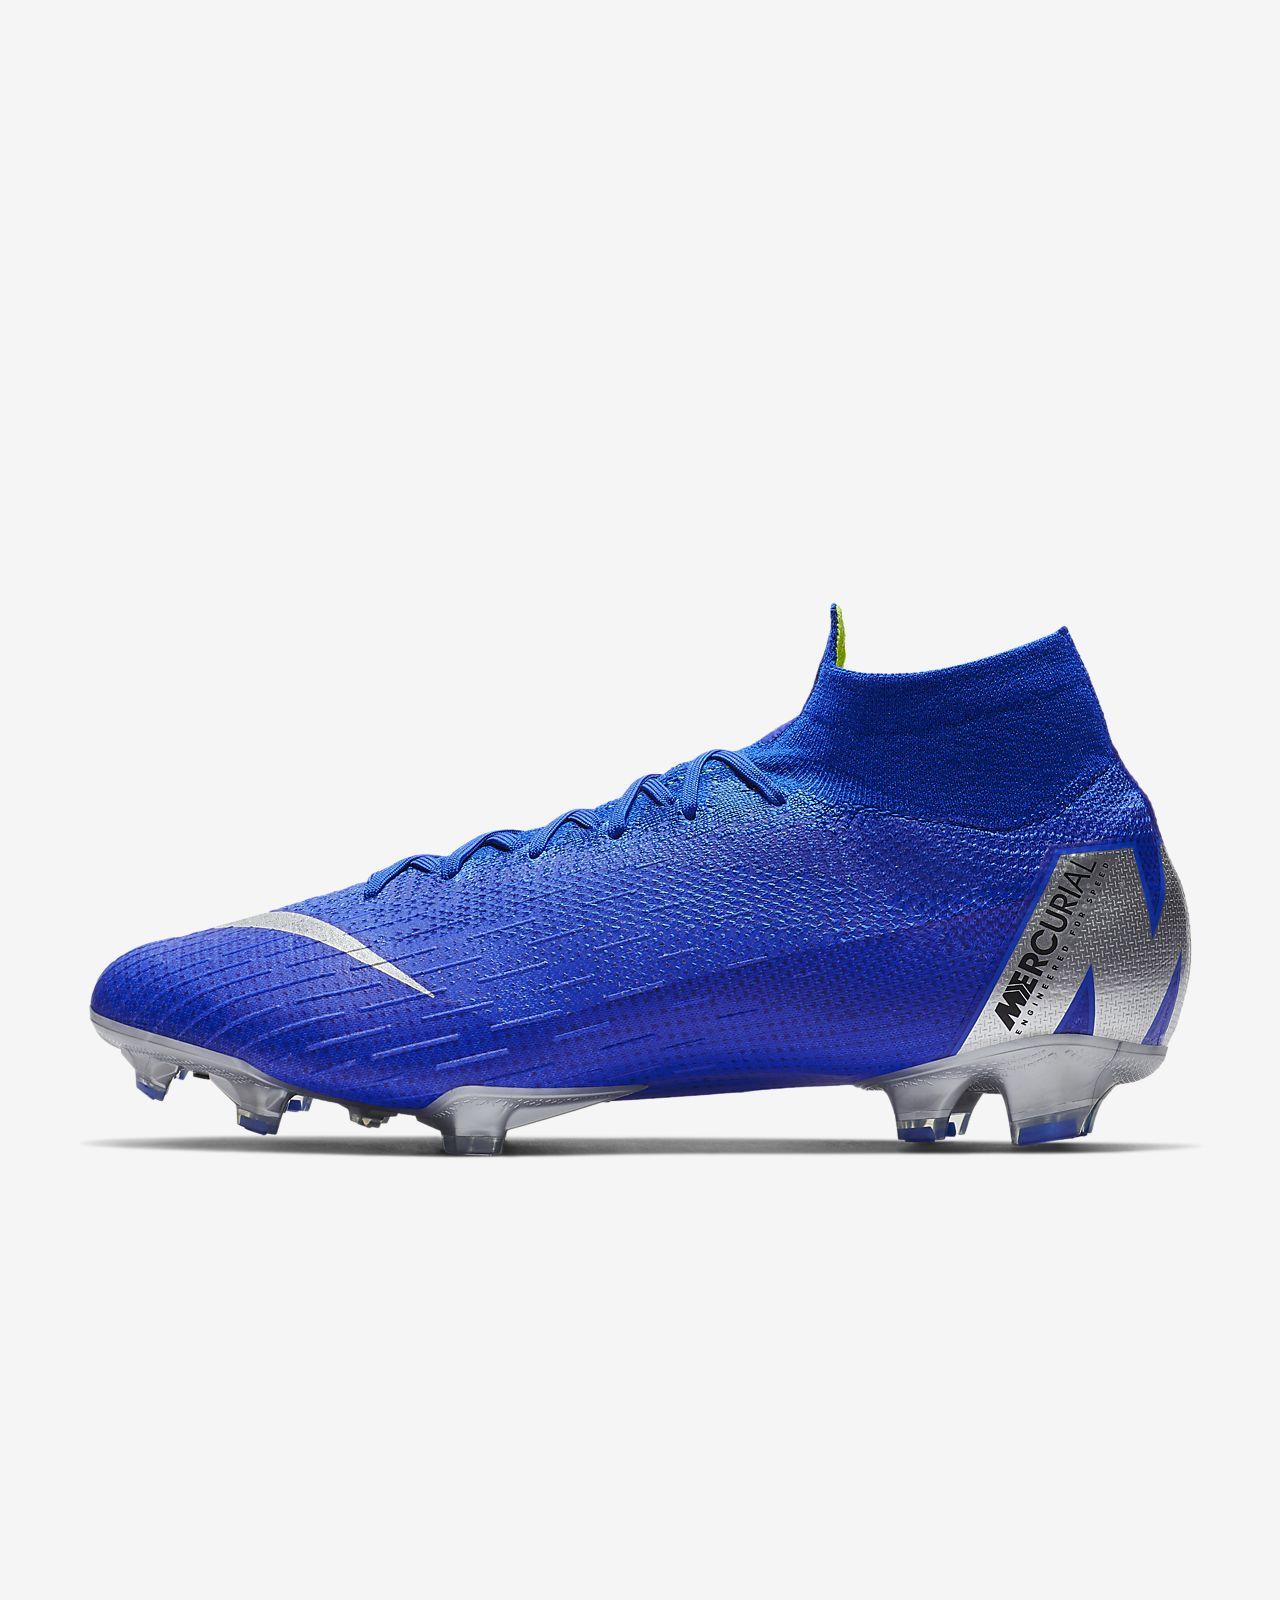 560c7084b ... sweden chaussure de football à crampons pour terrain sec nike mercurial  superfly 360 elite 0b380 d6d27